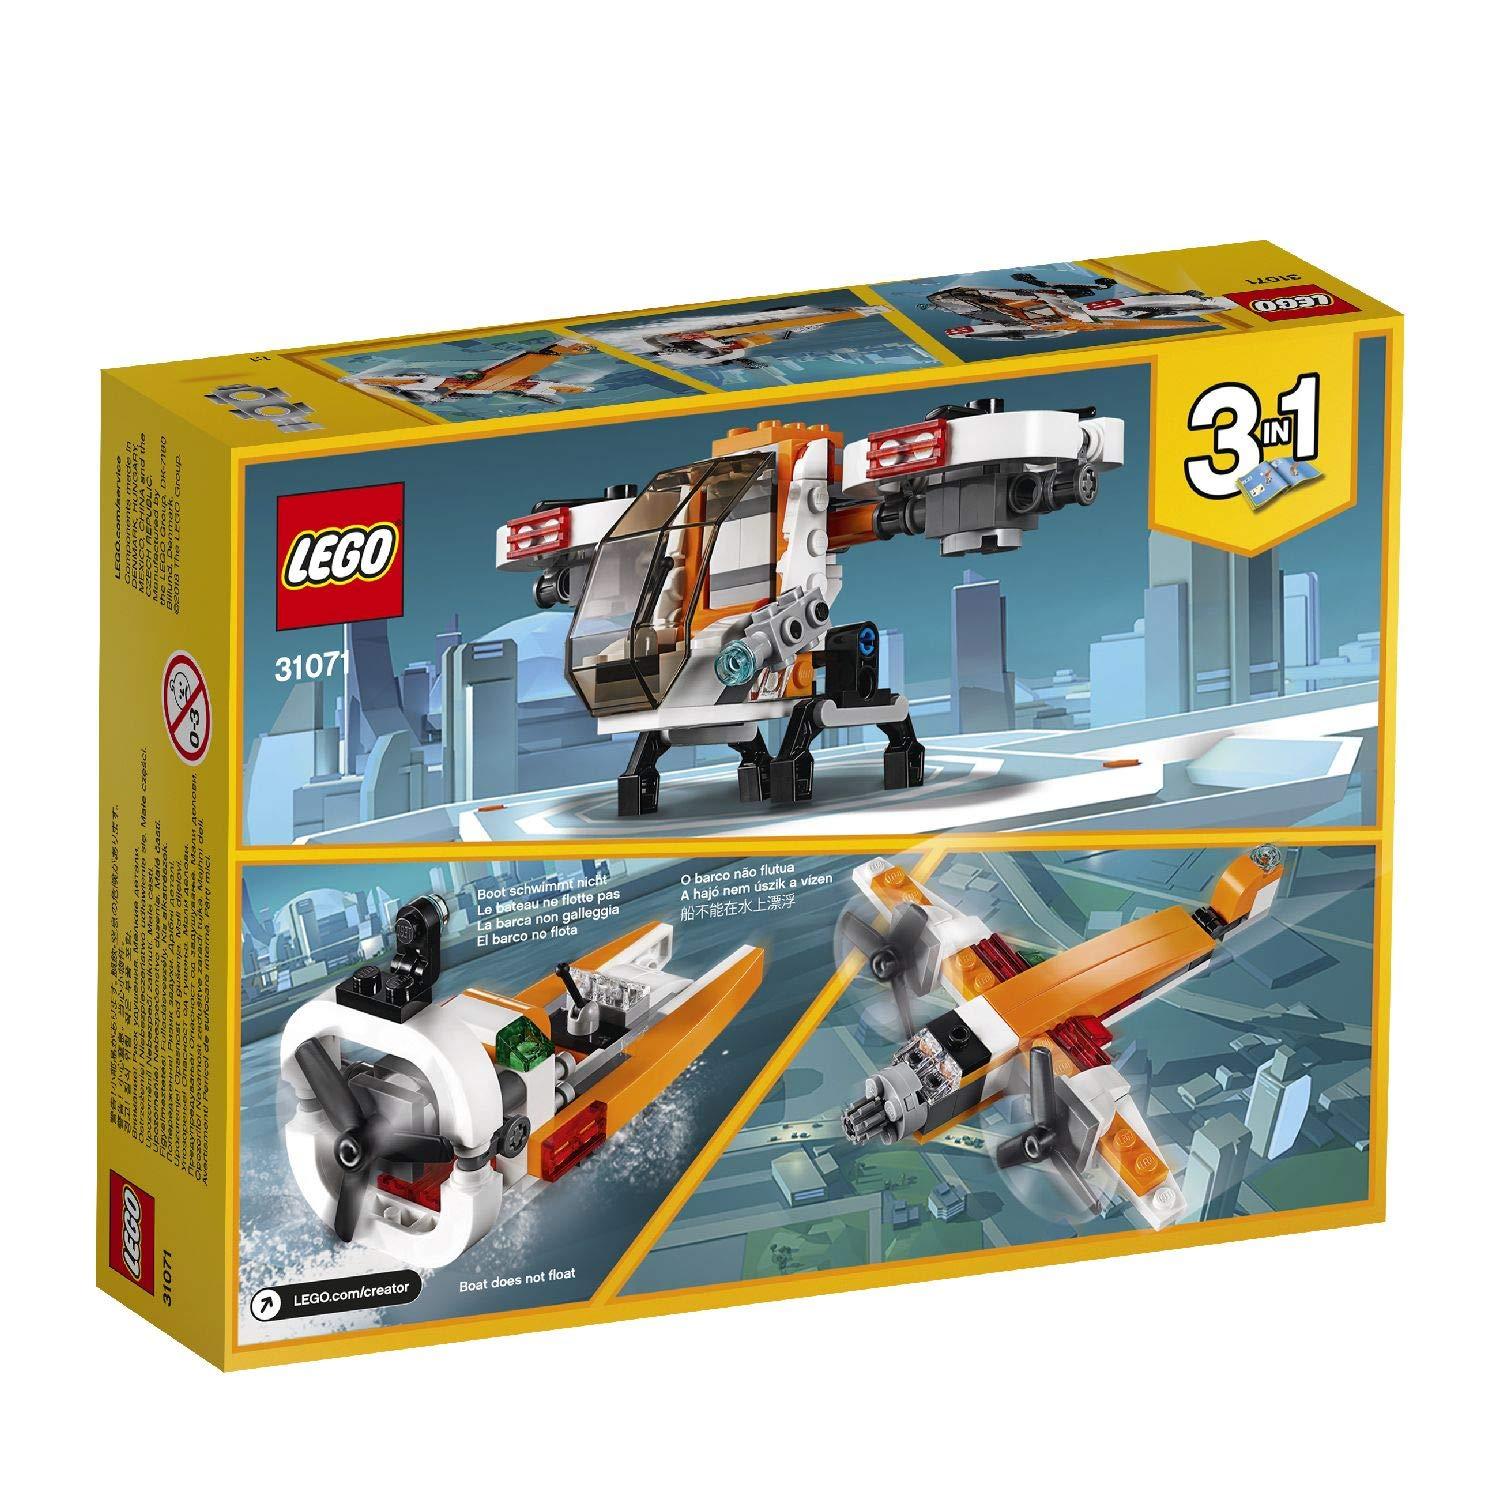 LEGO Creator - Dron de Exploración, Juguete de Construcción 3 en 1 ...